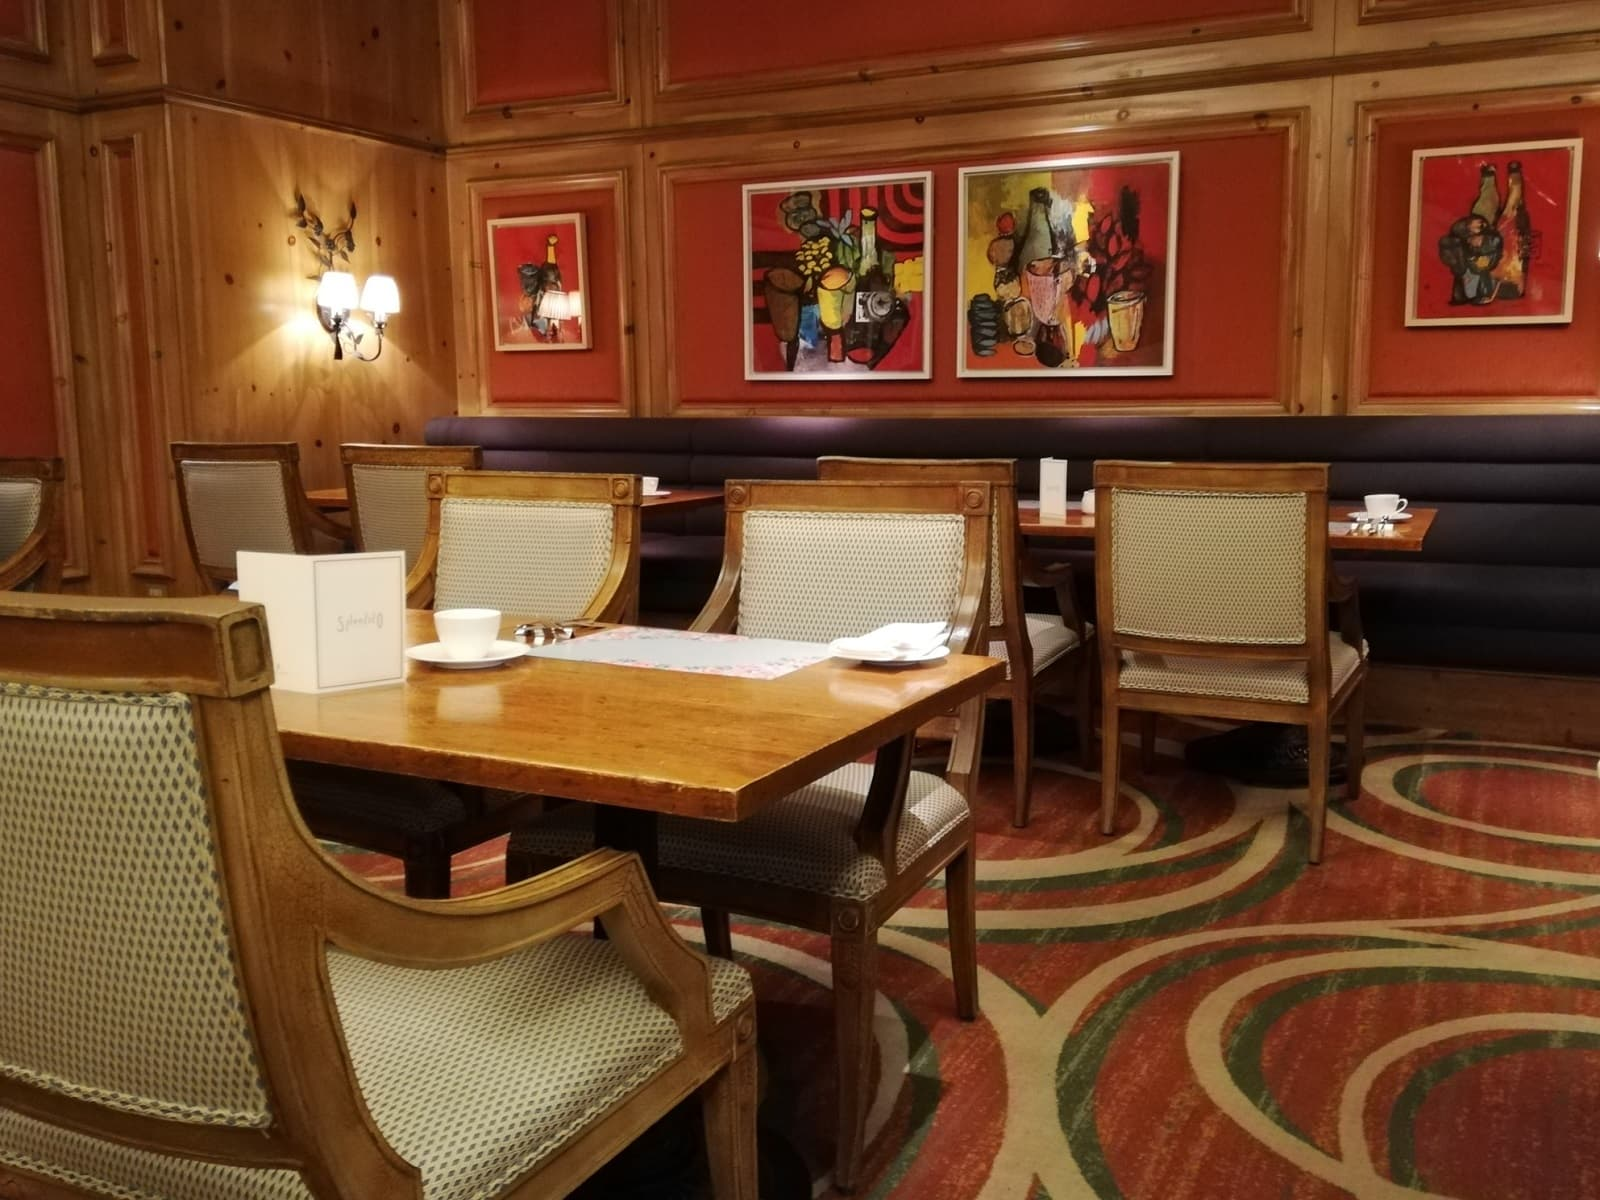 いちごビュッフェのレストラン「スプレンディート」の店内の様子